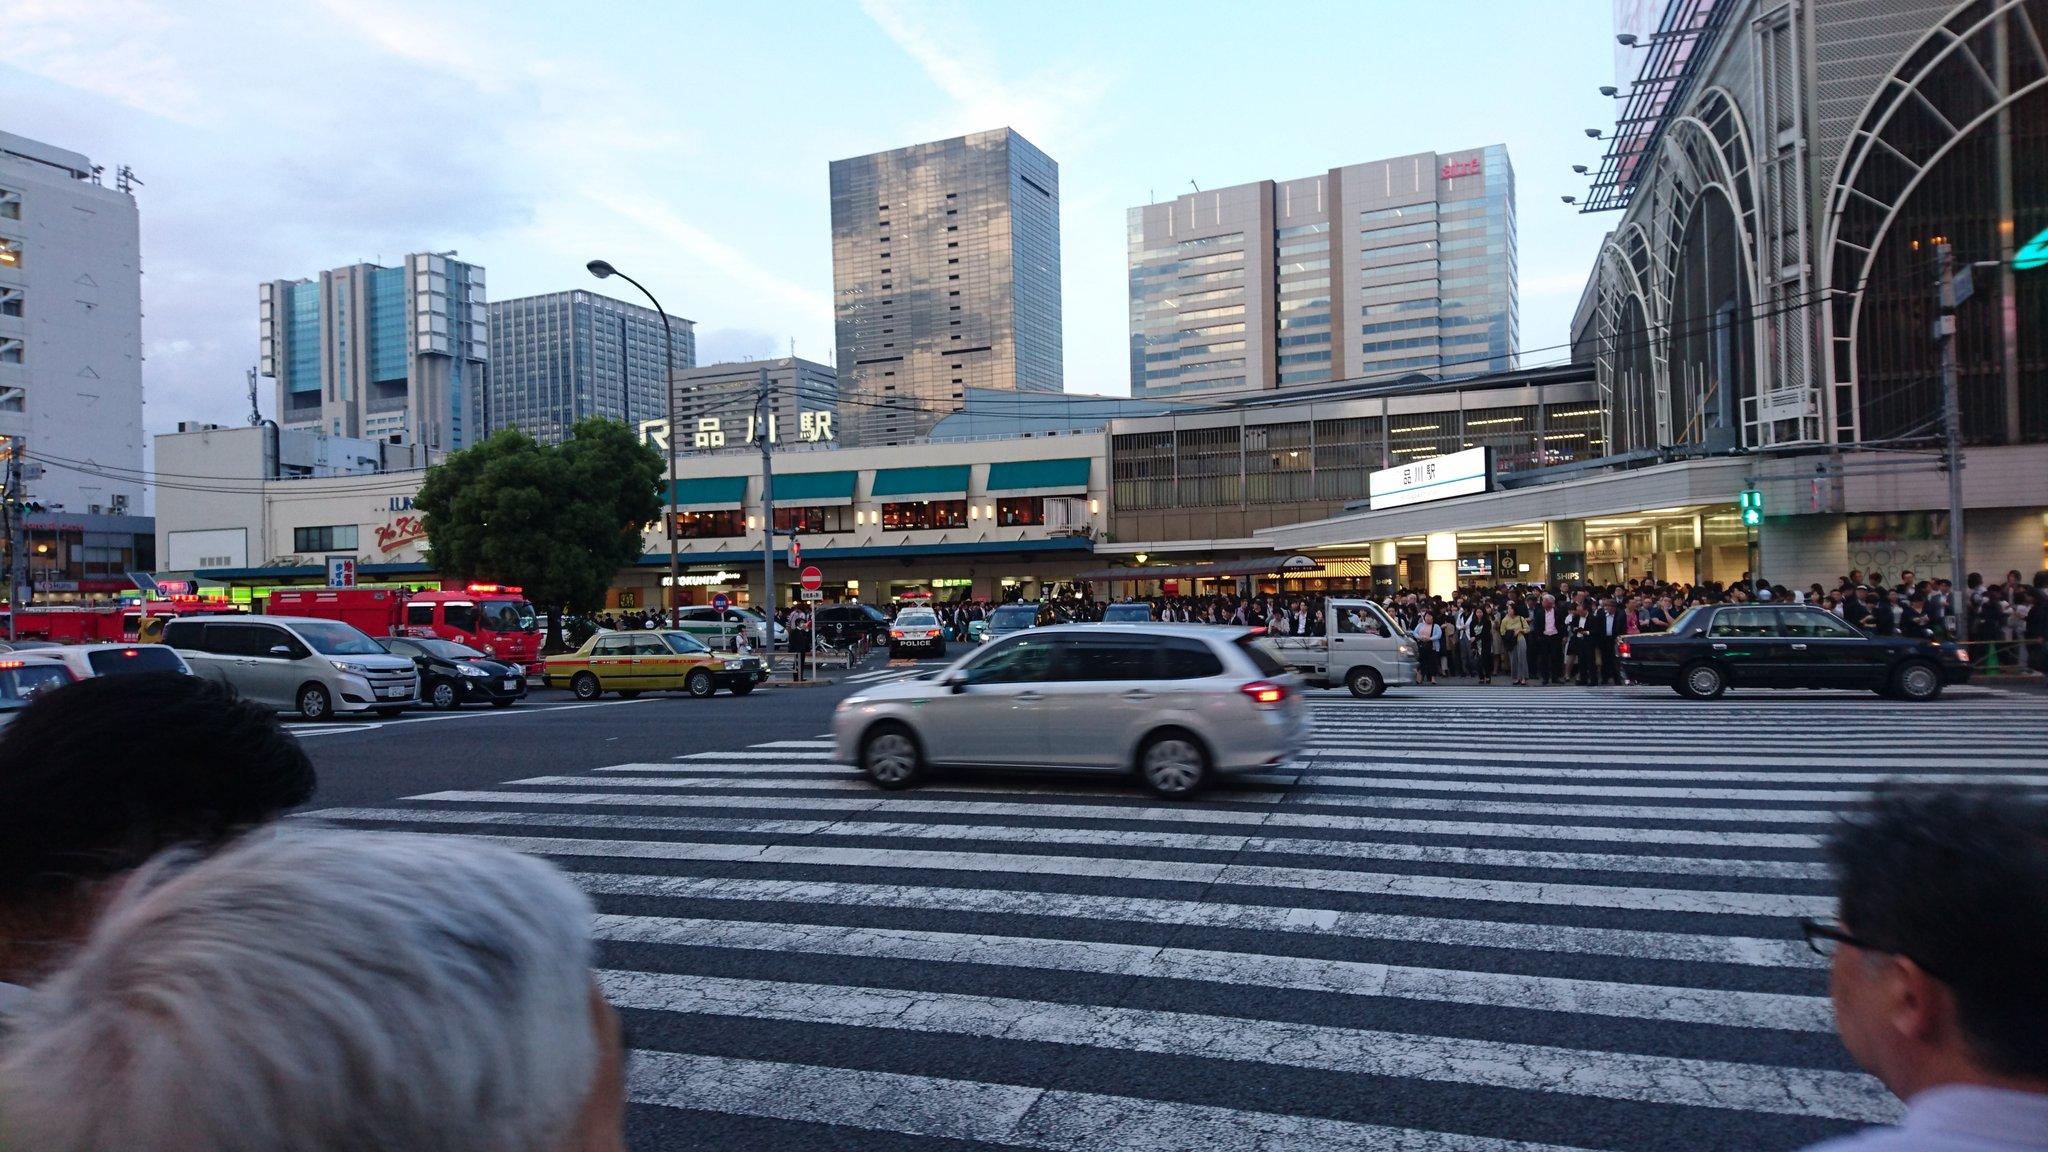 画像,品川駅大変な事に‼️東海道線人身事故の影響で、災害時みたいな事に‼️又、プリンスホテル側は、消防隊、レスキュー隊やらで、凄いことに‼️振替輸送たどり着けないもで…